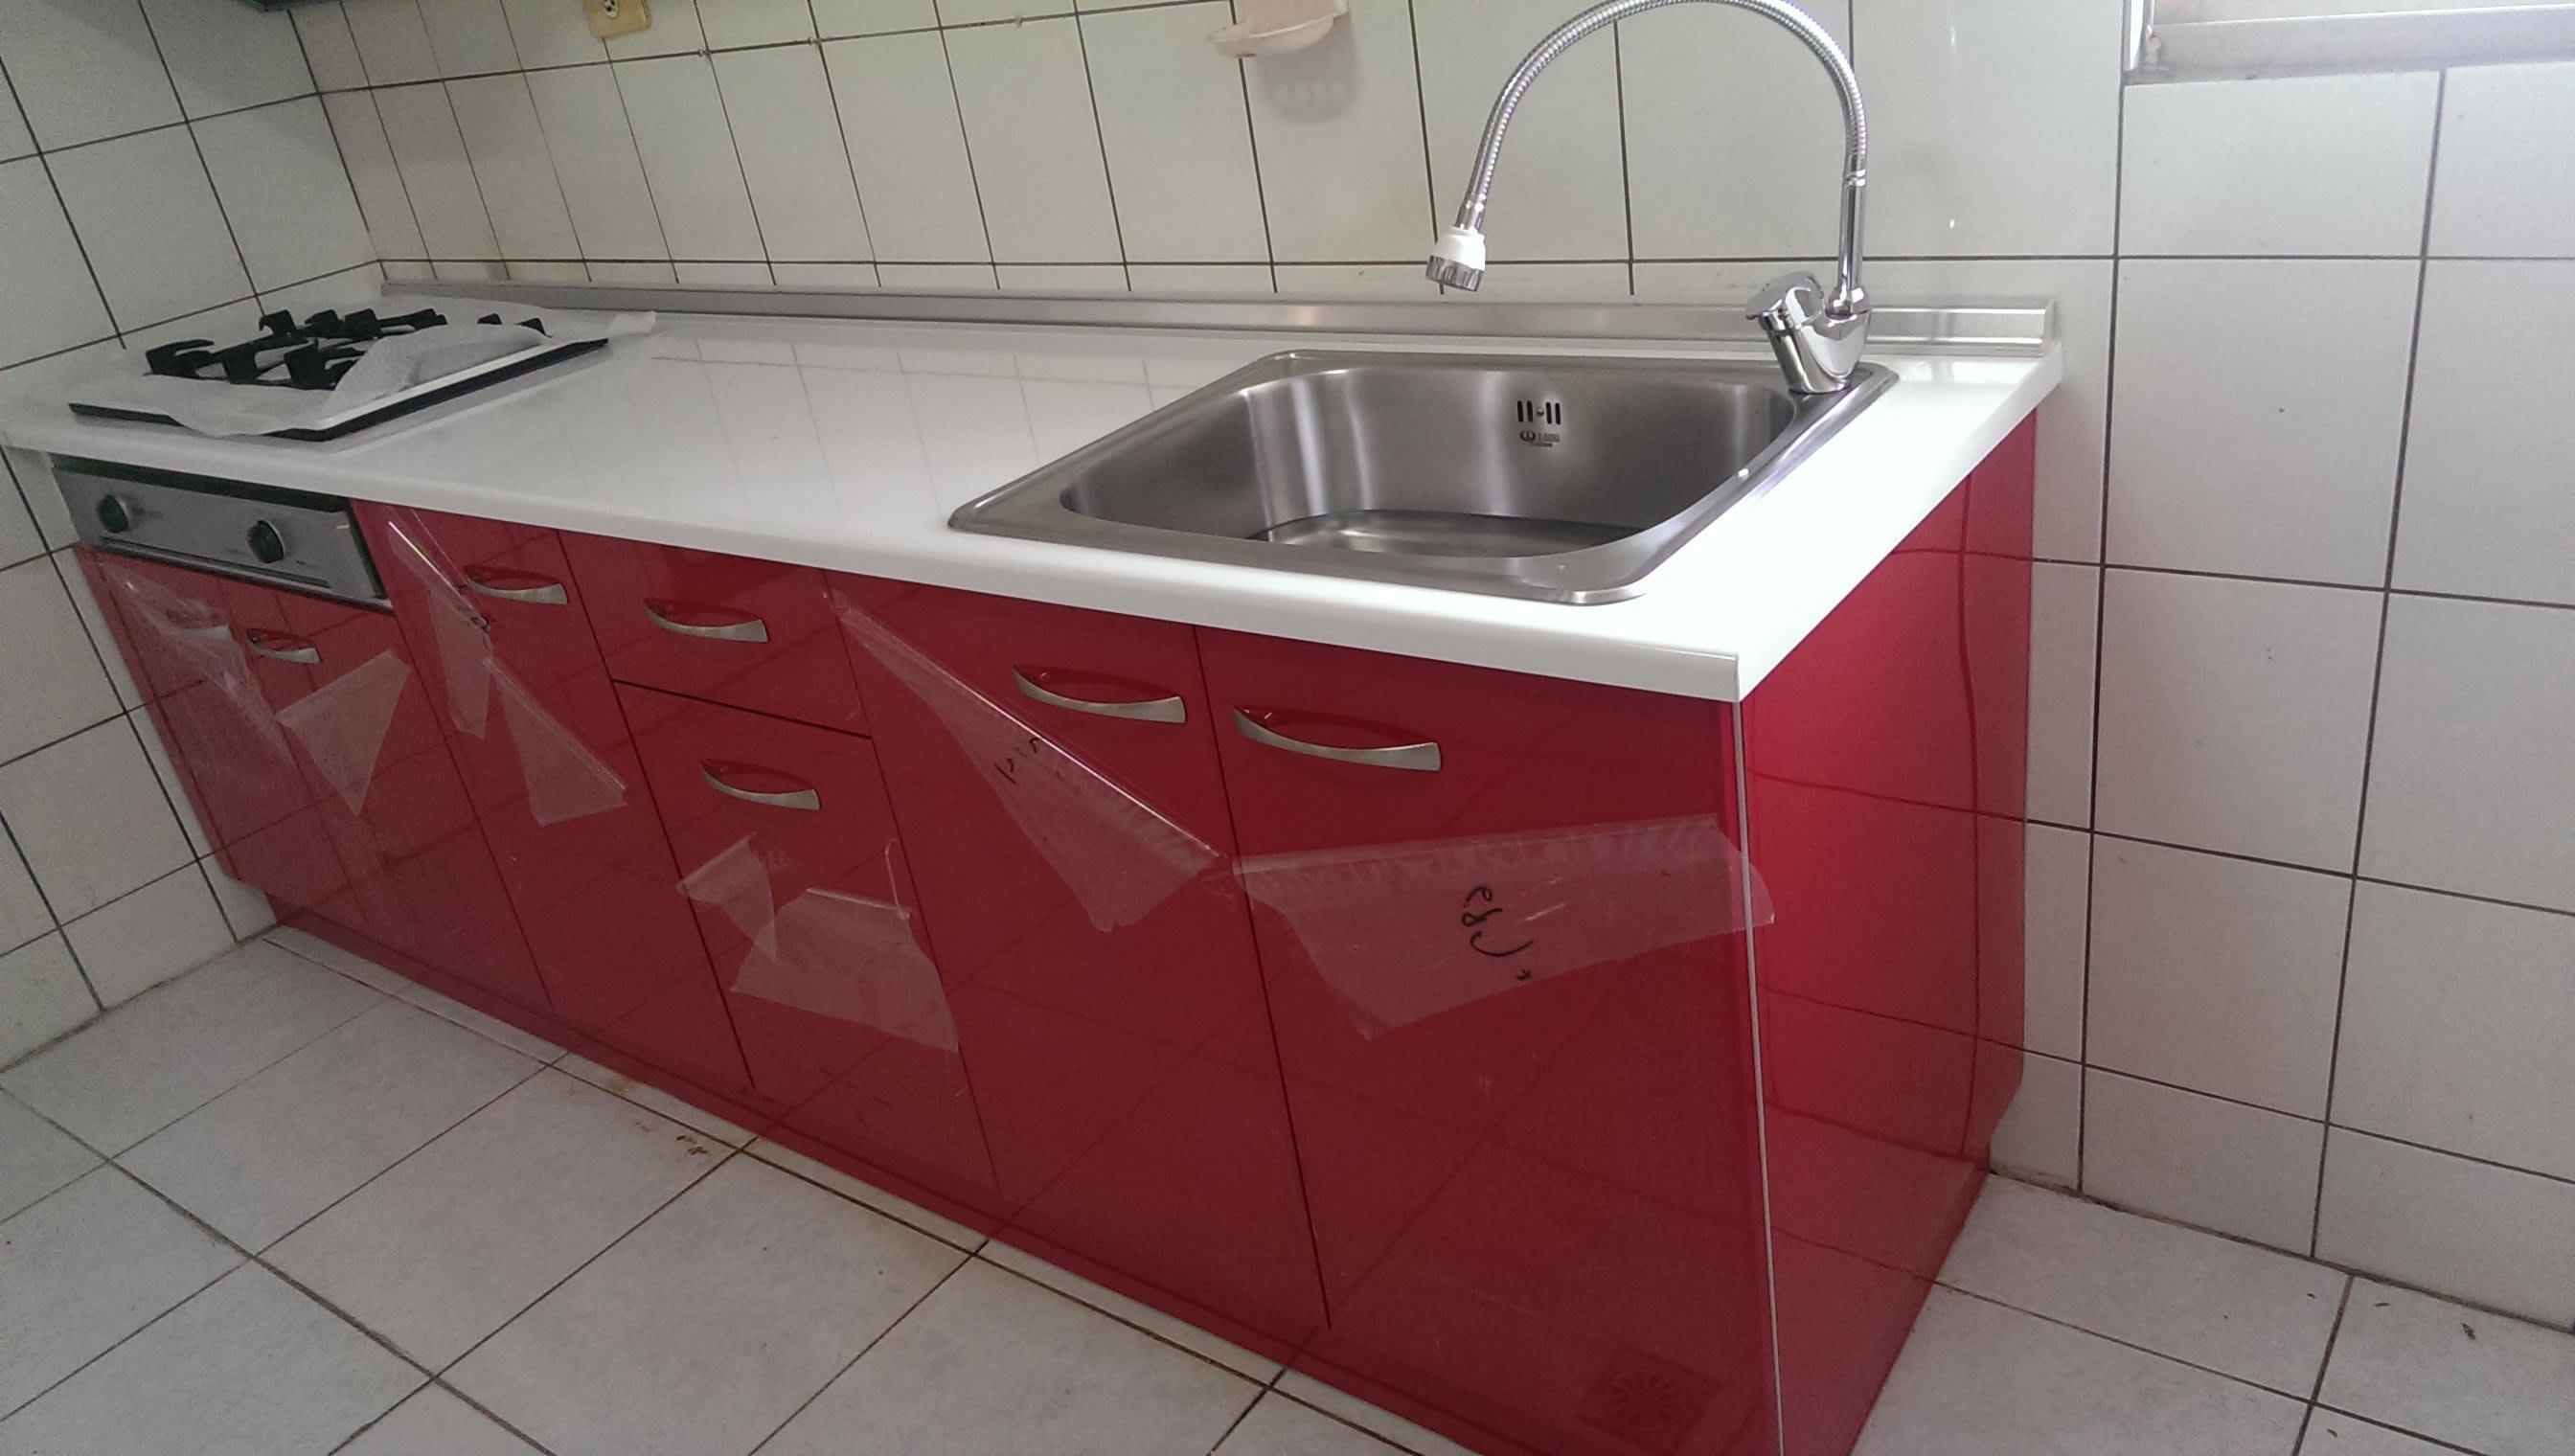 亞毅 06-2219779 紅色白色歐化廚具 水槽 人造石檯面 不鏽鋼流理台 碗盤架 系統展示架